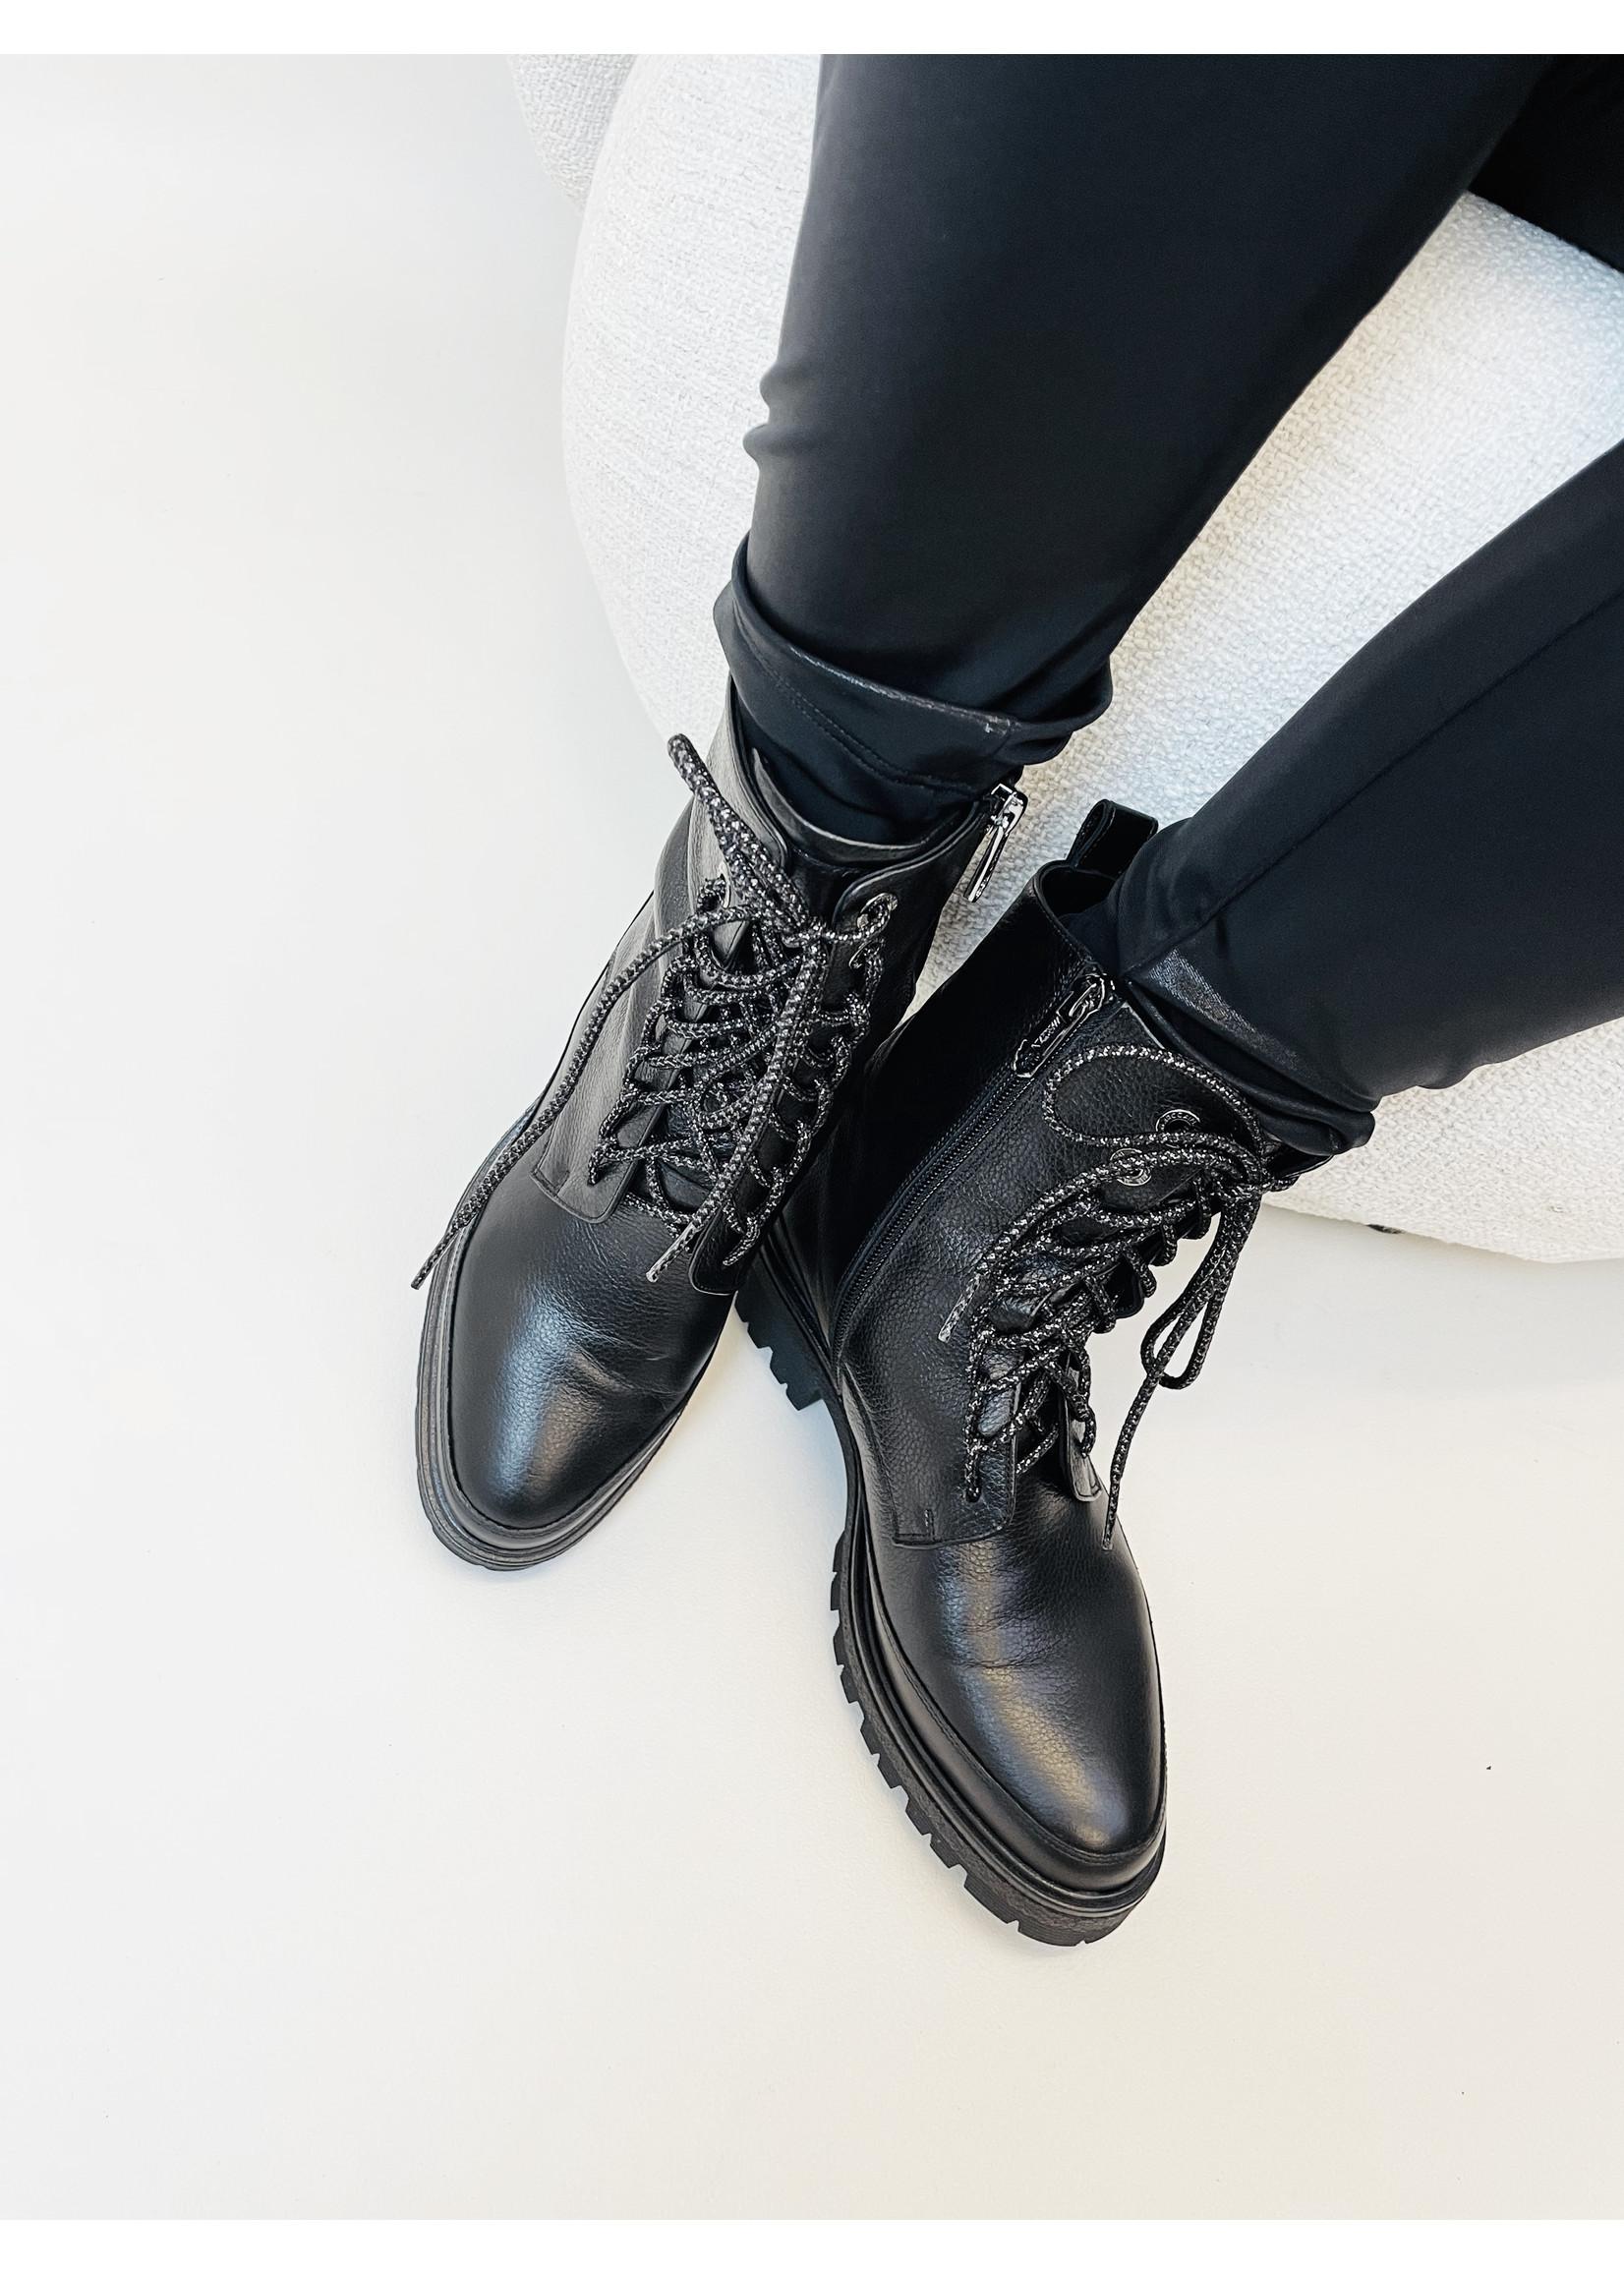 Marccain Bags & Shoes Enkel Laars RB SB.10 L10 black